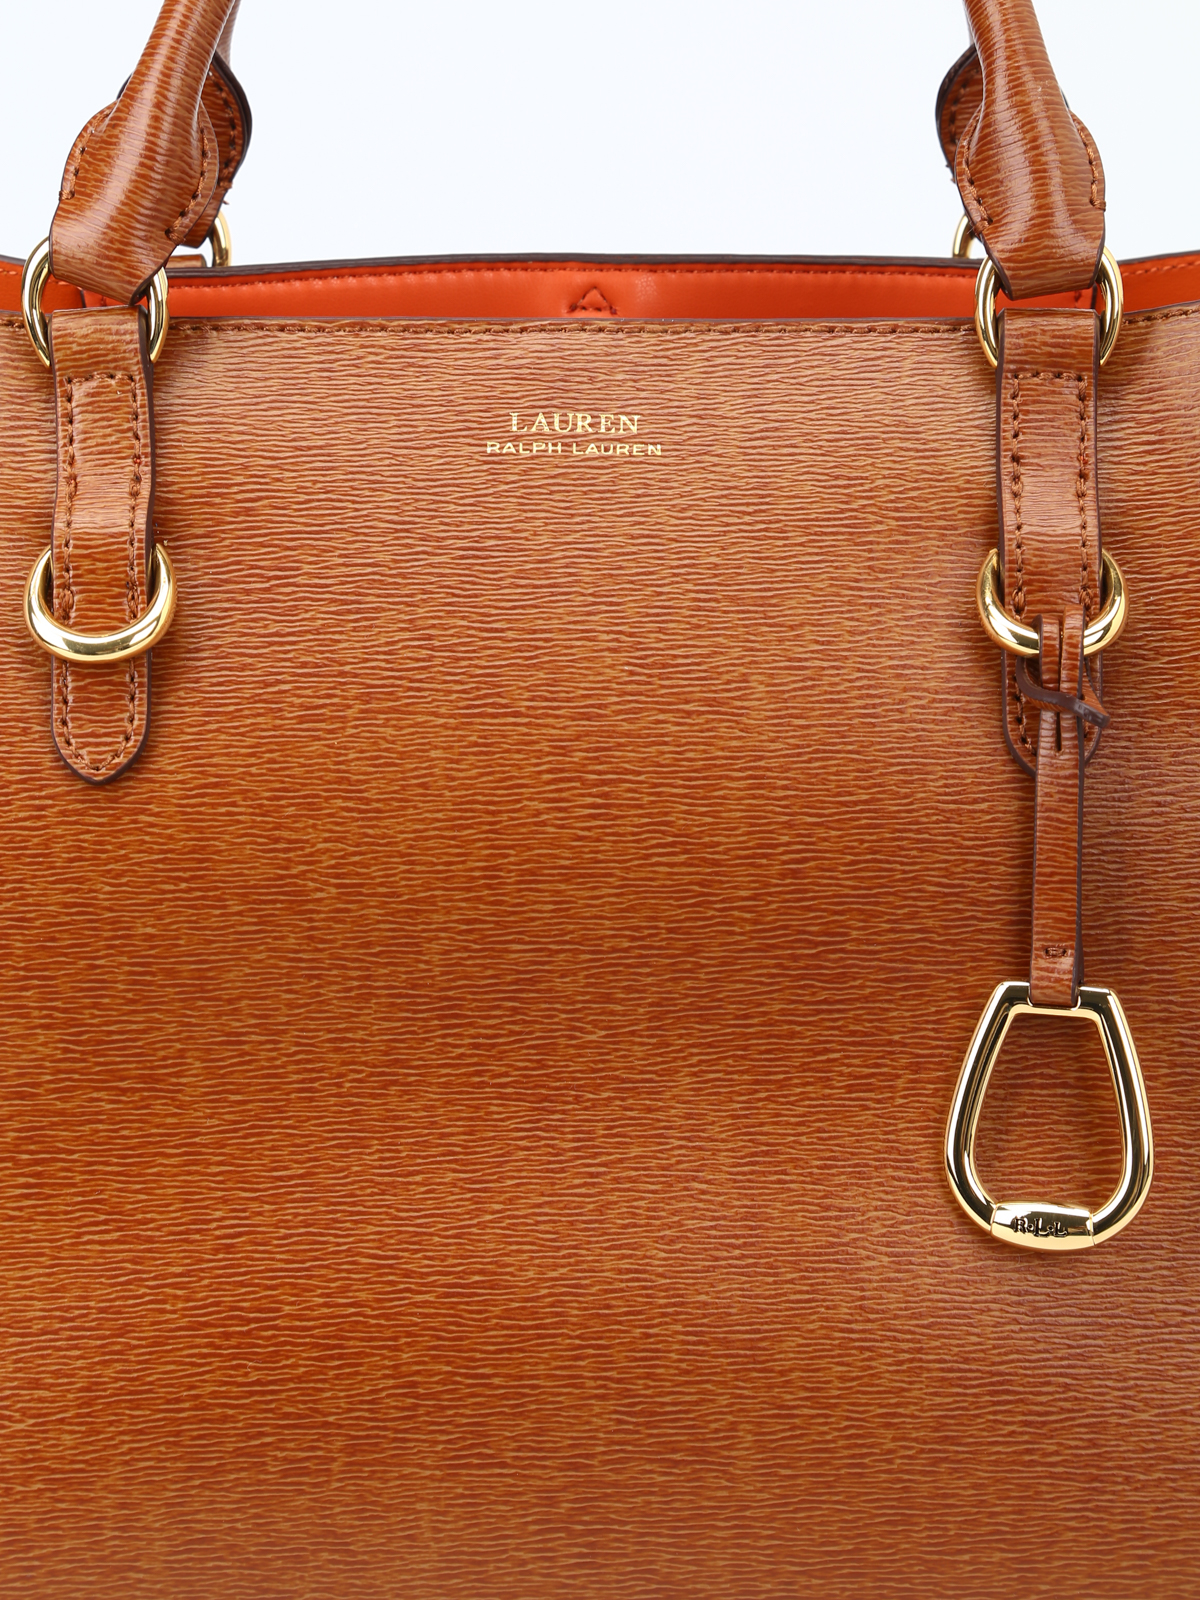 Ralph Lauren Borsa a spalla Bennington color cuoio borse